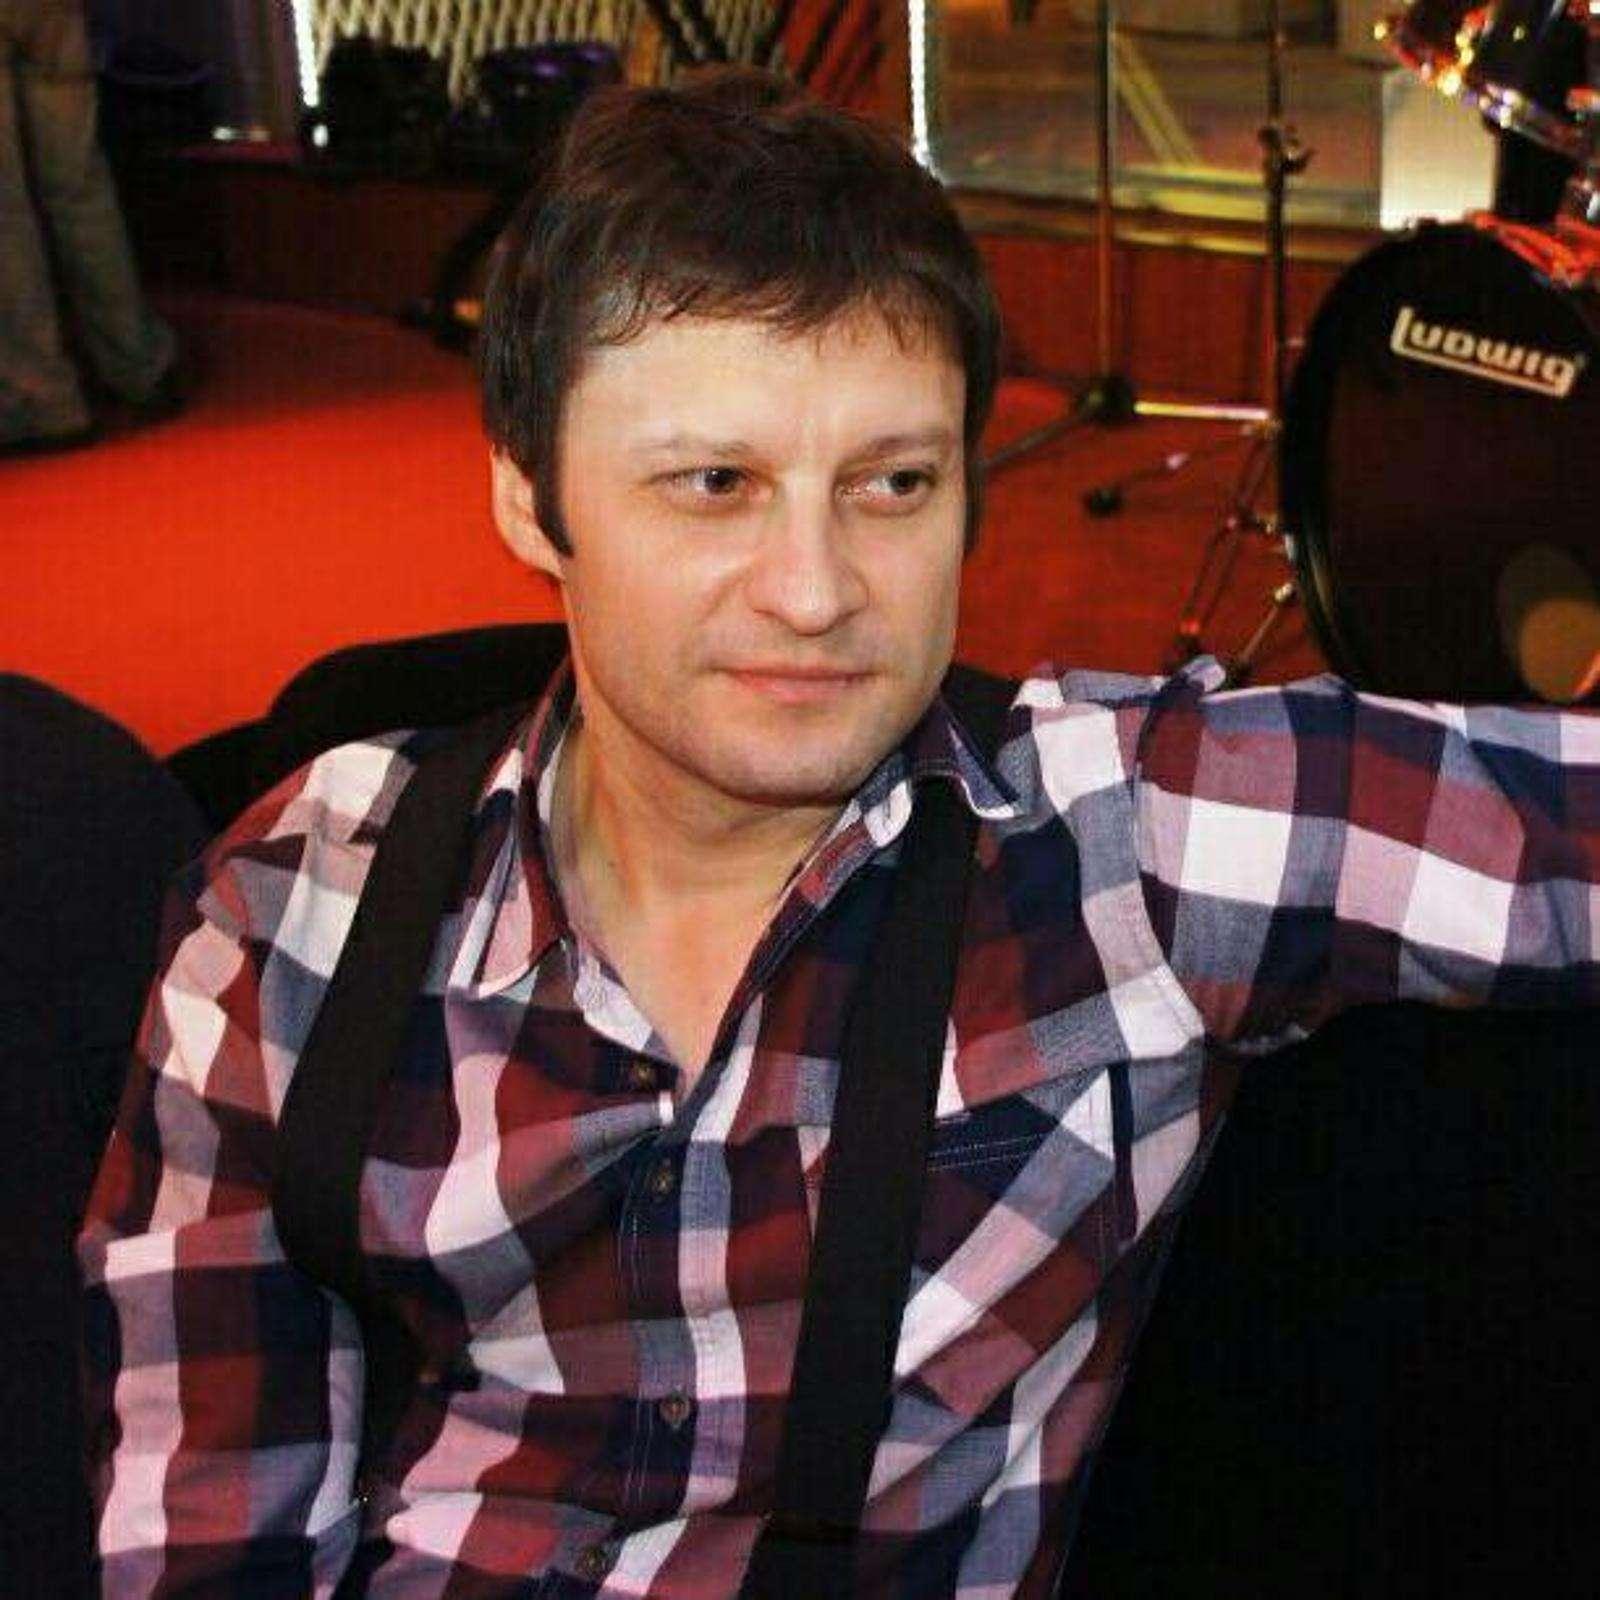 «Мой жизненный путь завершается»: онколог Андрей Павленко, почти 2 года сражавшийся с раком, написал пост прощания